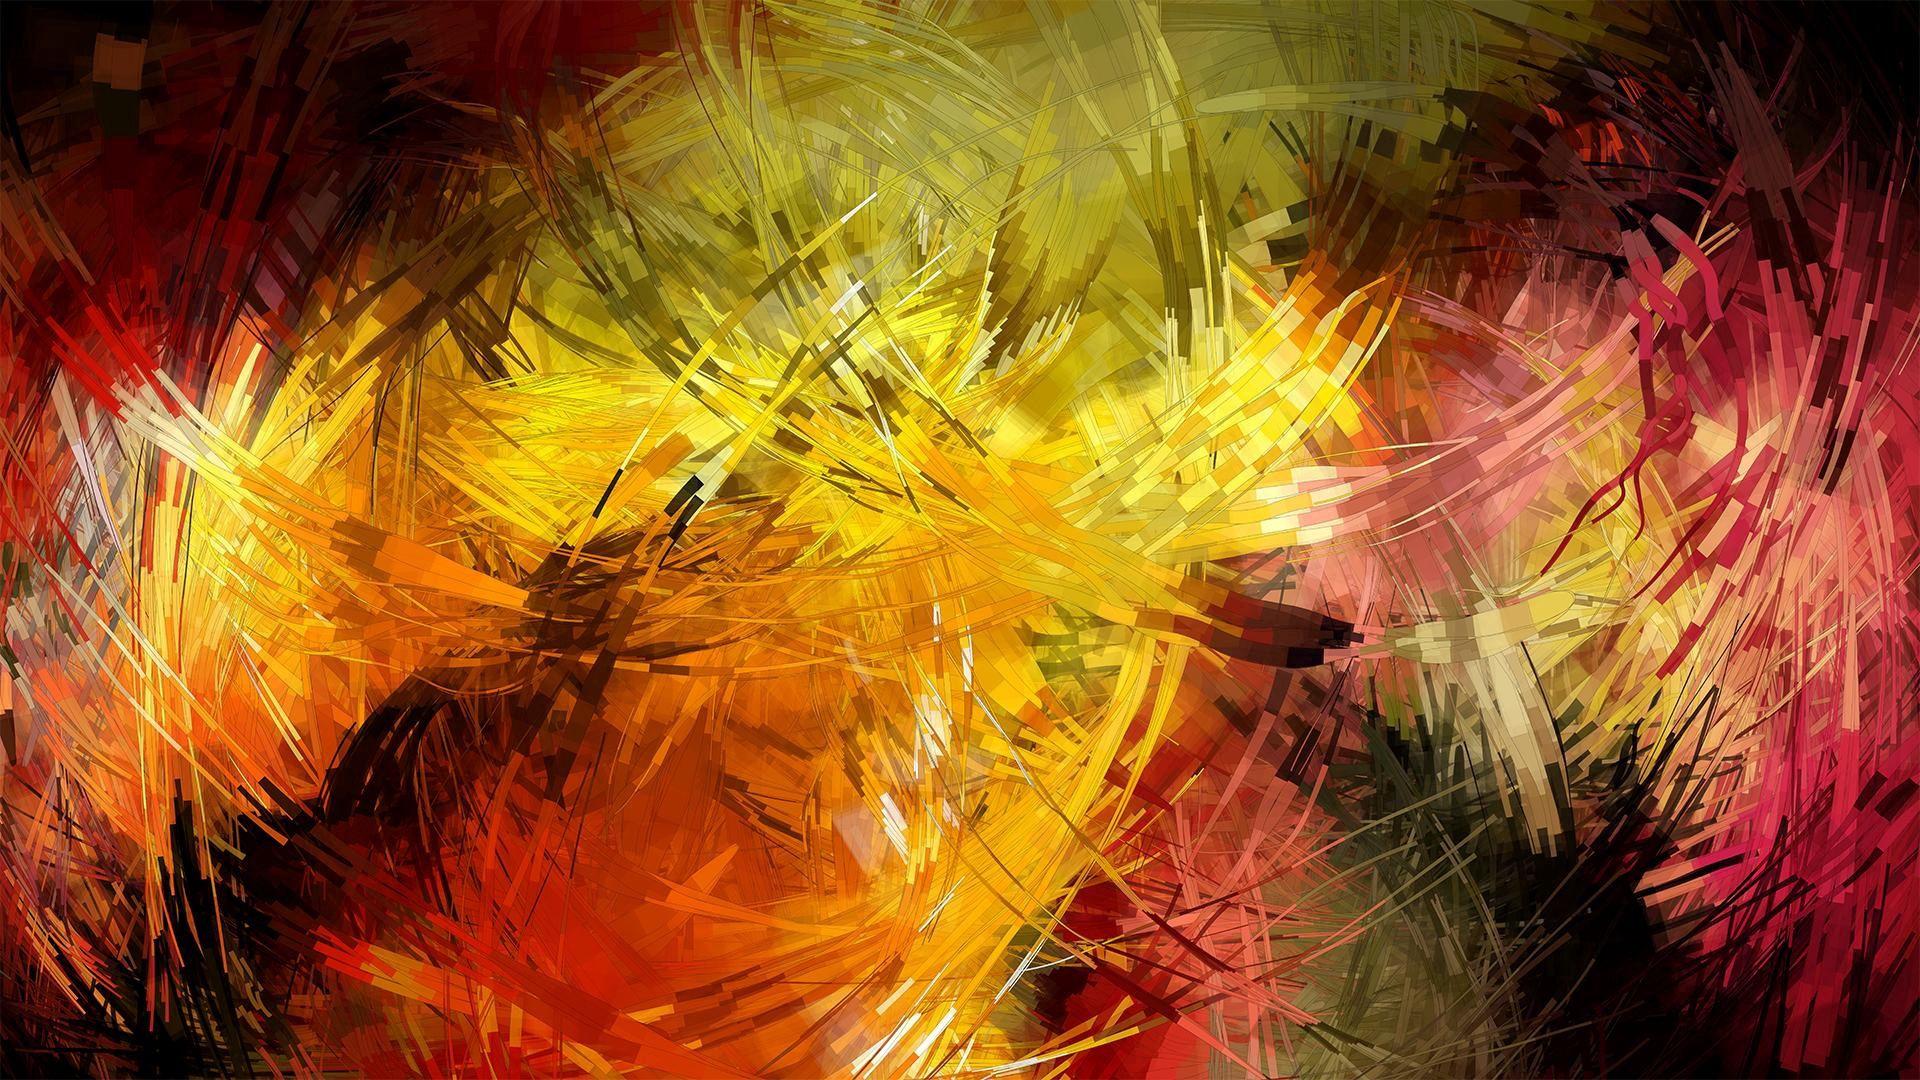 129550 Hintergrundbild 128x160 kostenlos auf deinem Handy, lade Bilder Abstrakt, Patterns, Hell, Linien, Farben, Kreativ 128x160 auf dein Handy herunter